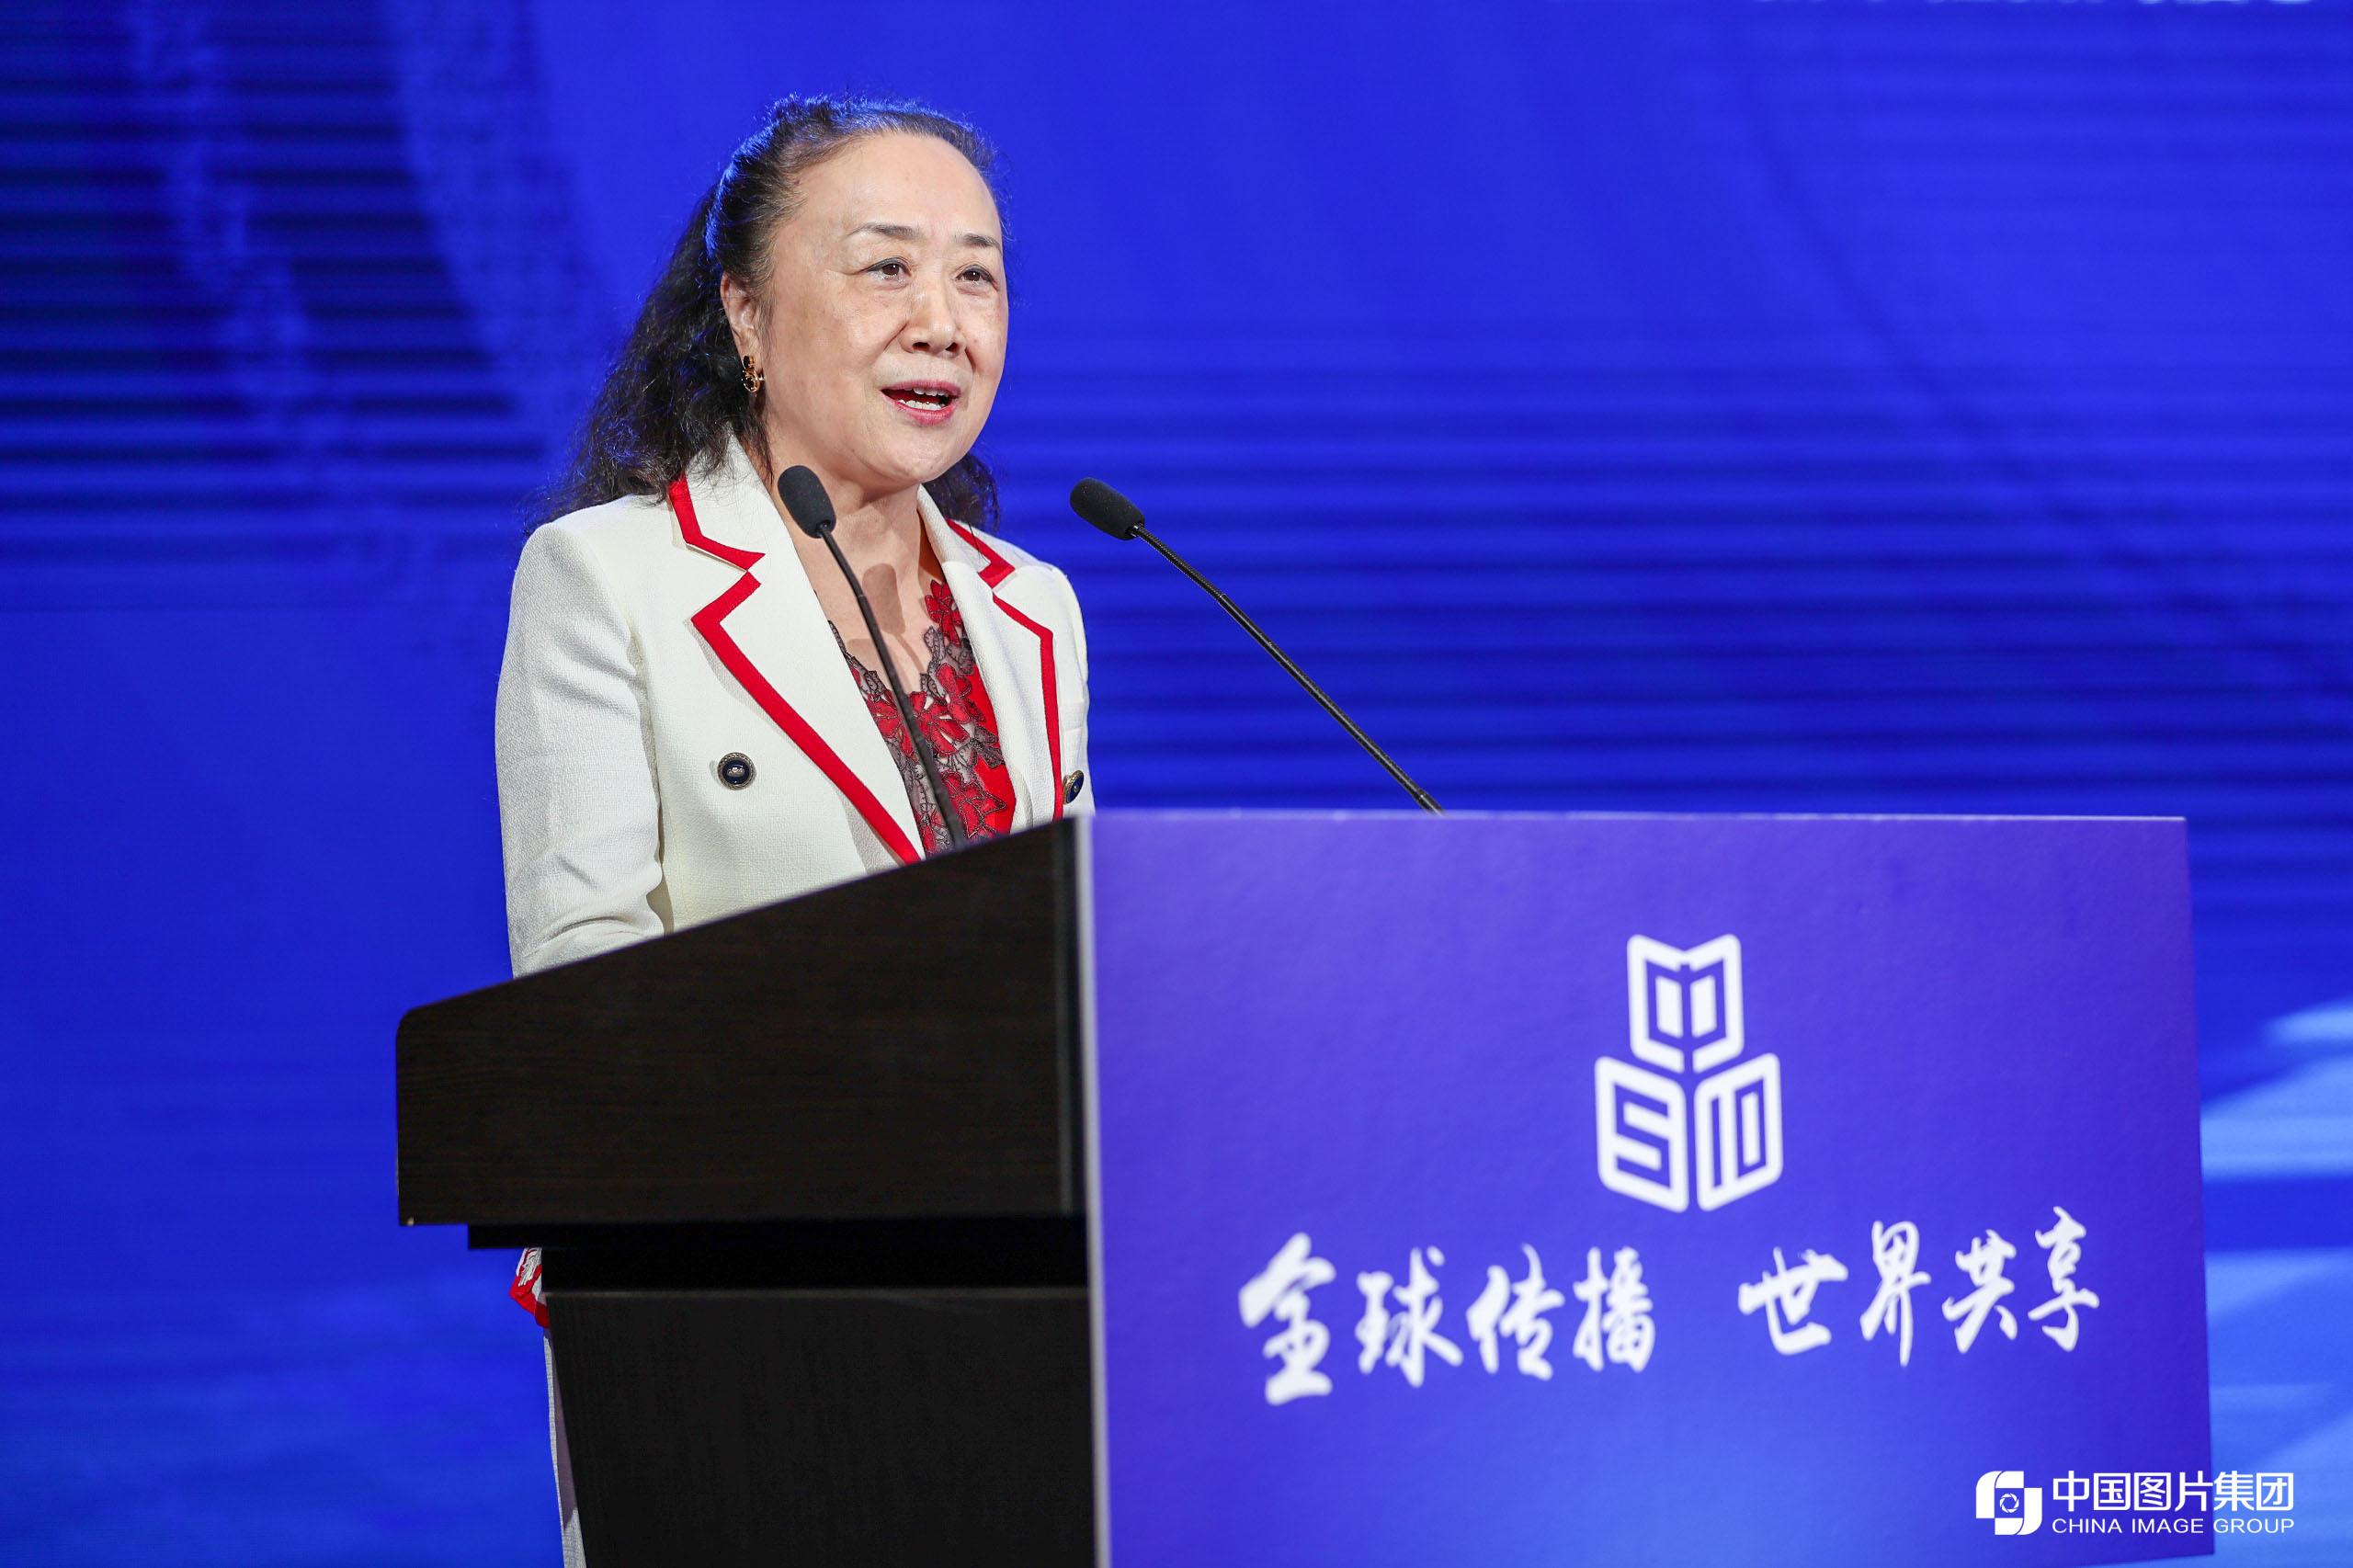 天士力控股集团总裁吴迺峰发言